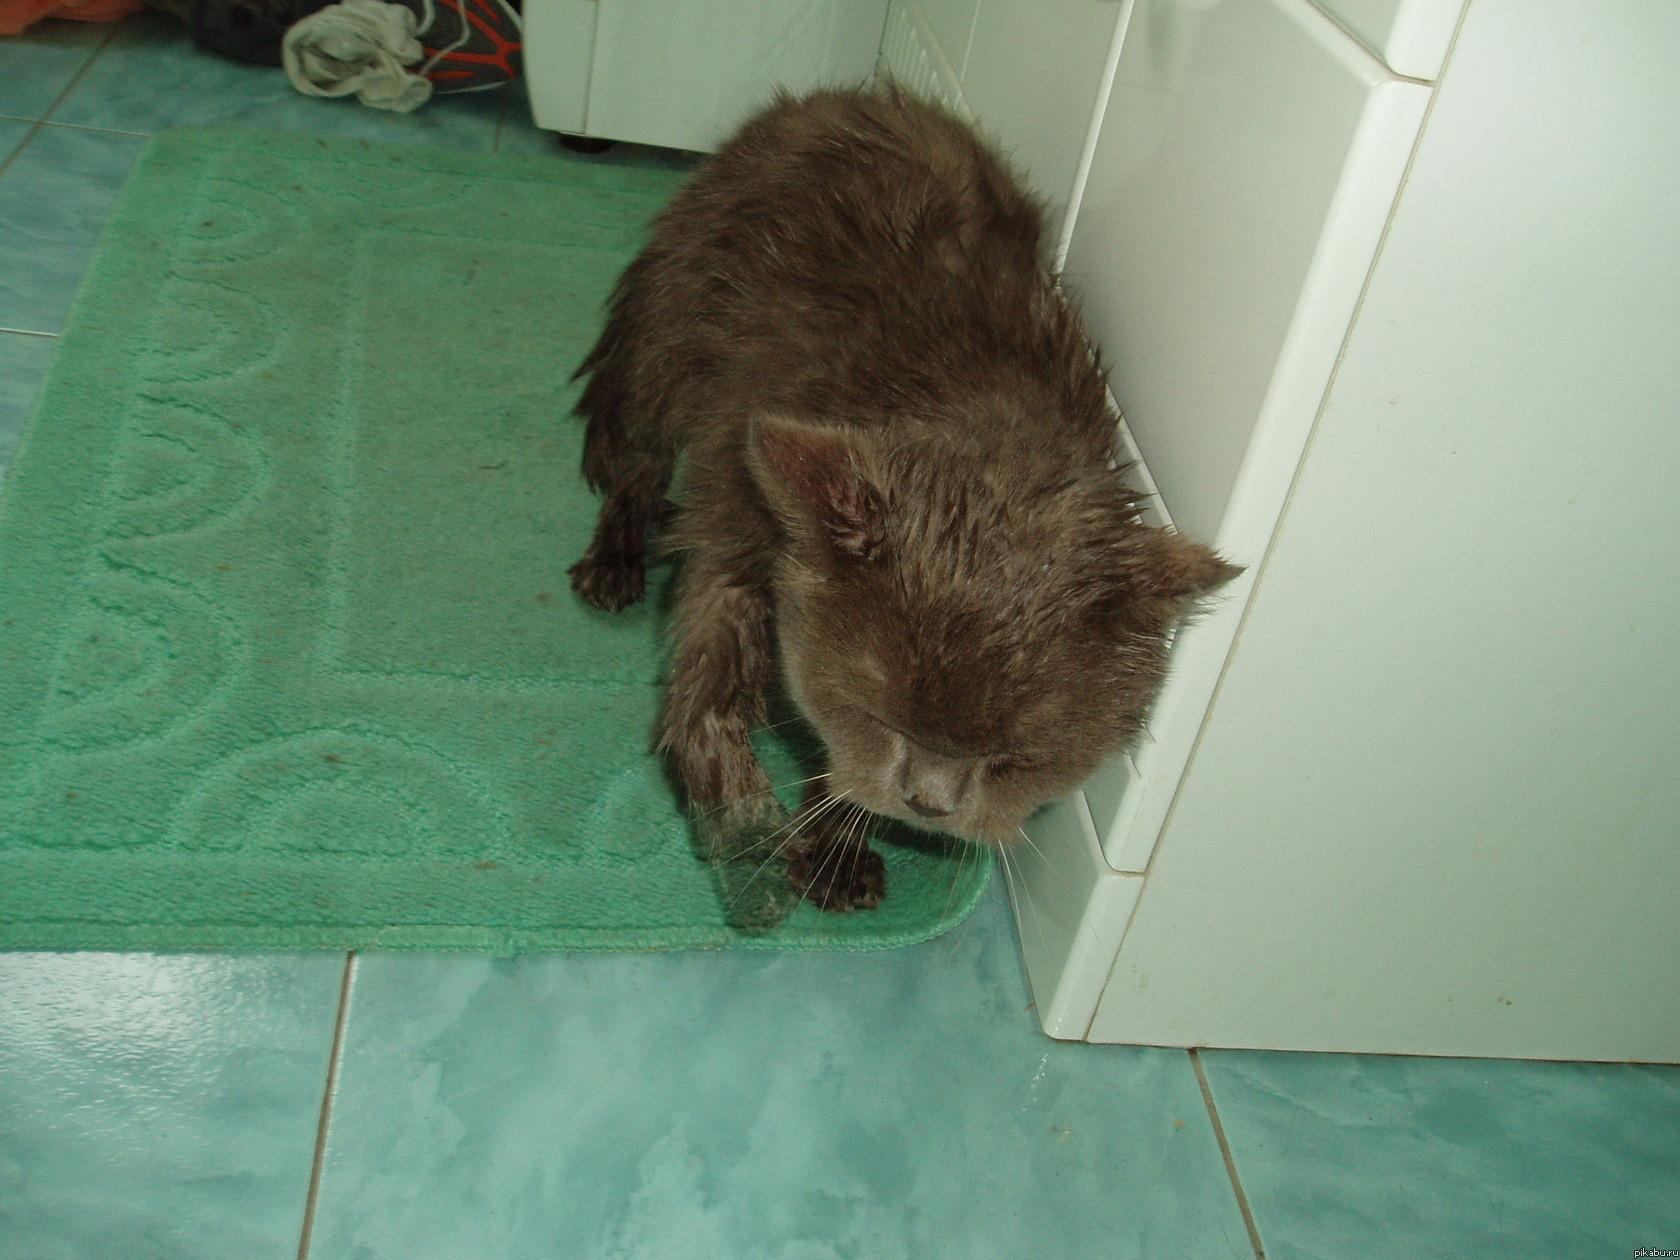 Кот-призрак О_о Как-то решили помыть кота, после того как его помыли и вытерли, решили сфотографировать. Я не знаю как так получилось, что у него на фотографии прозрачная лапа.